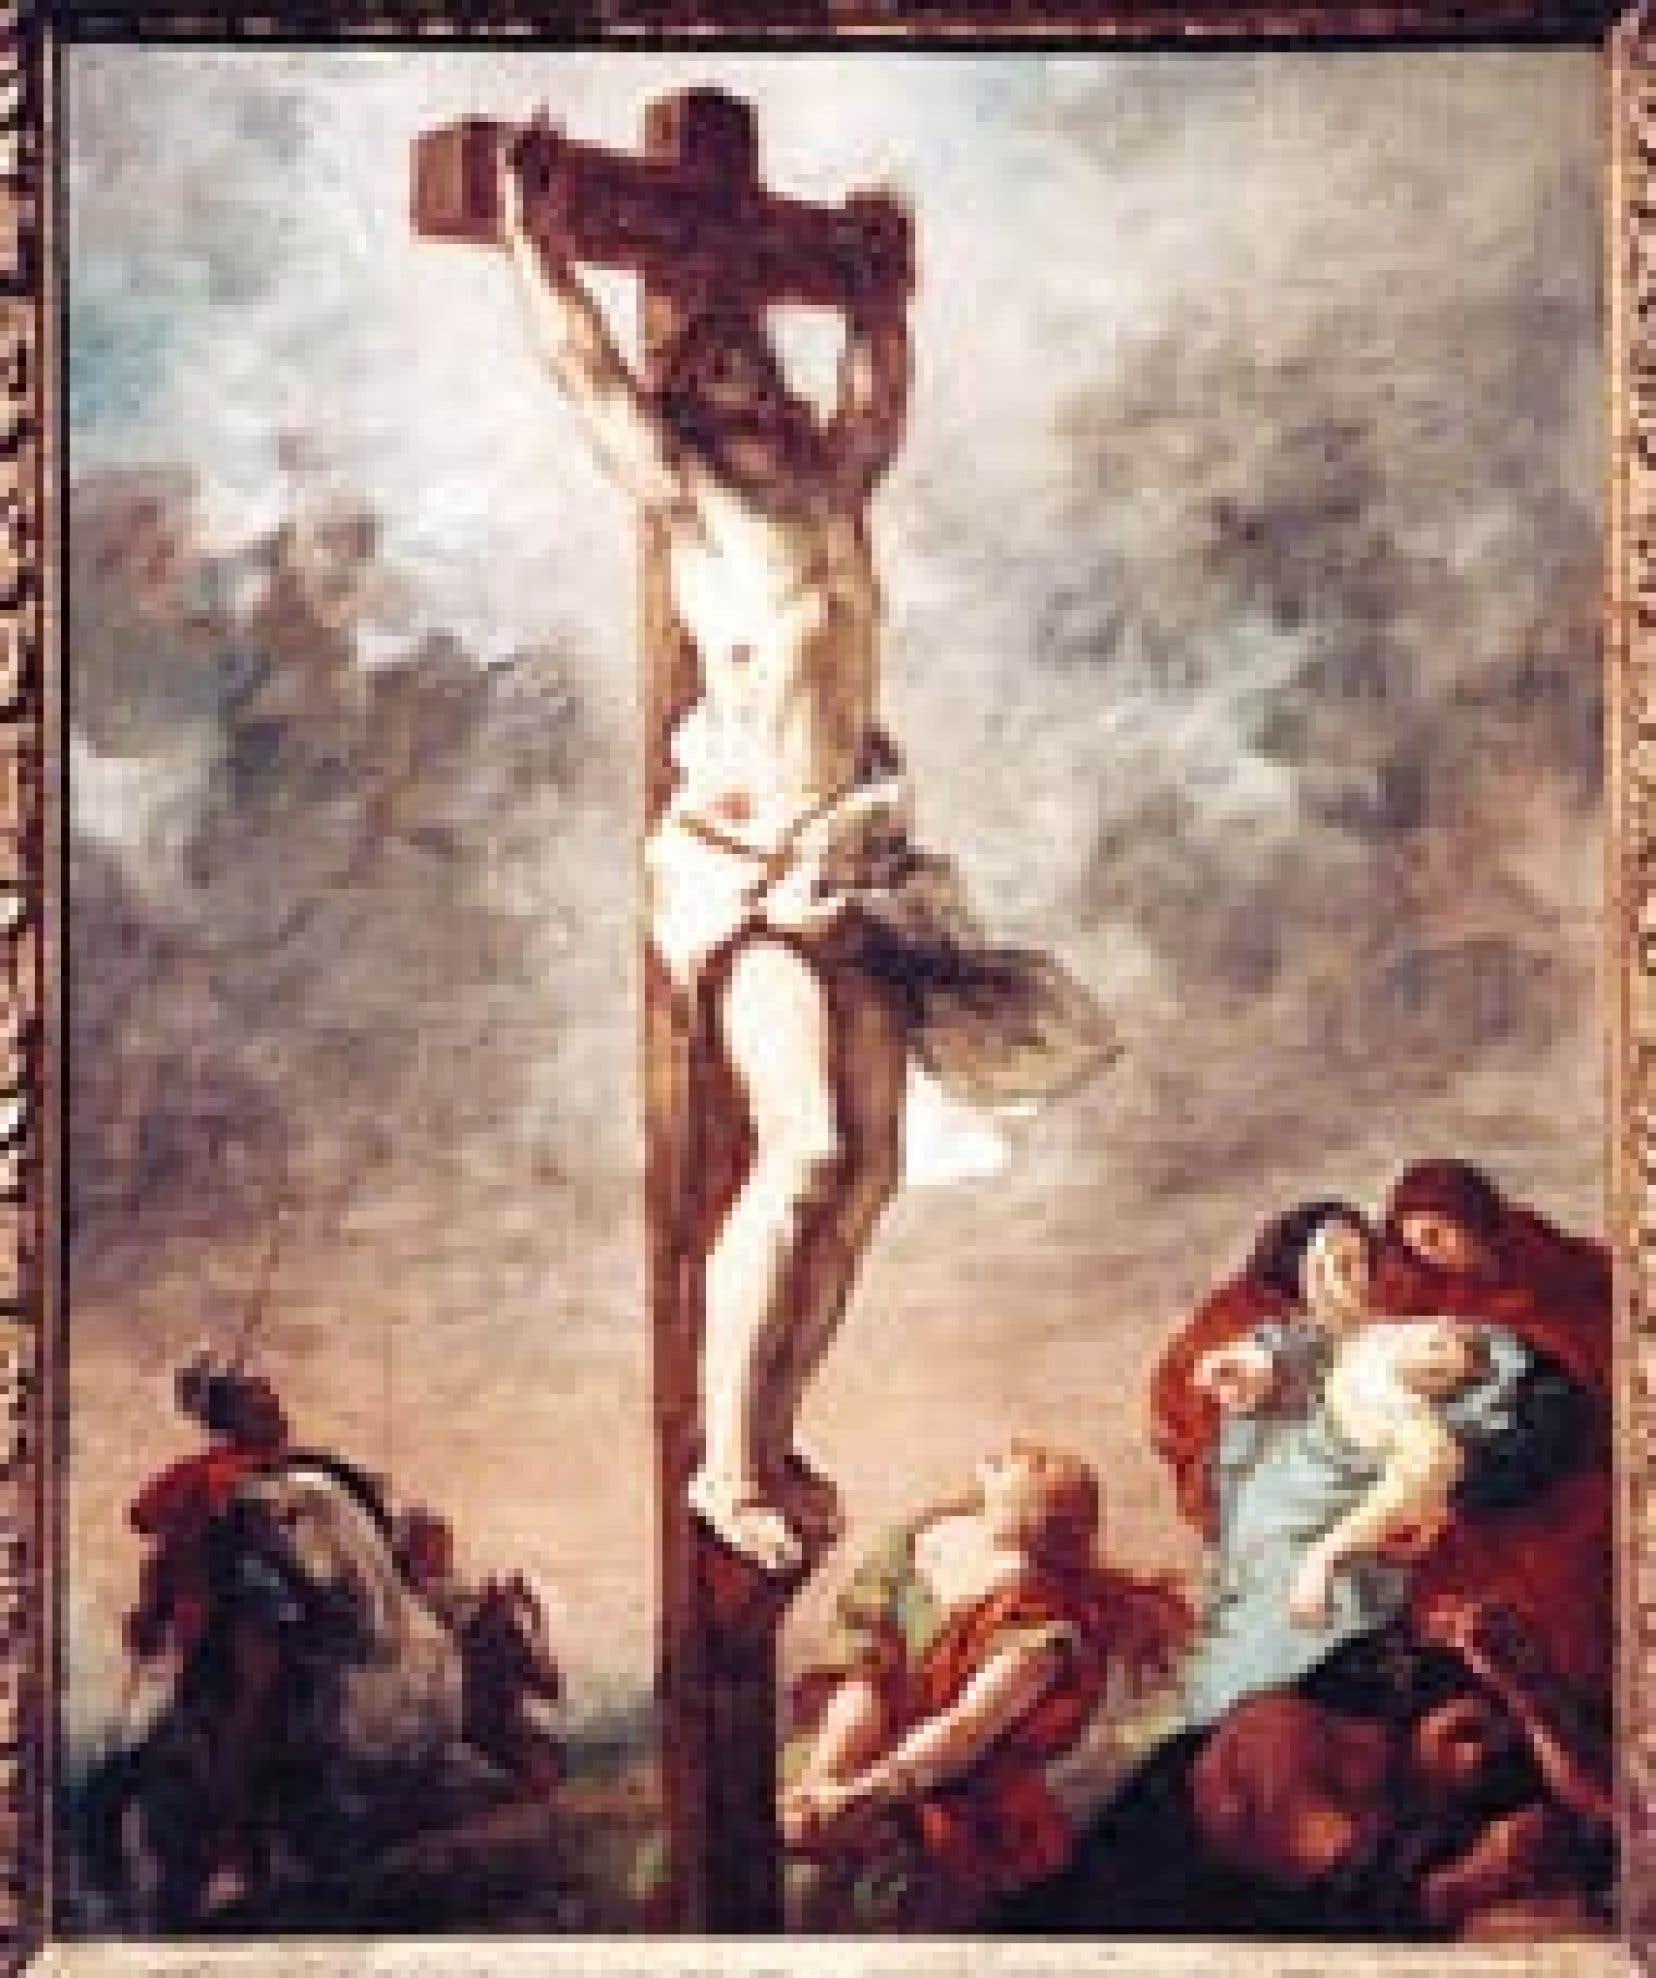 Le Christ en croix, du peintre français Eugène Delacroix, photographié en avril 2003 au Grand Palais, à Paris. Beaucoup de jeunes Français seraient incapables d'interpréter ce tableau.